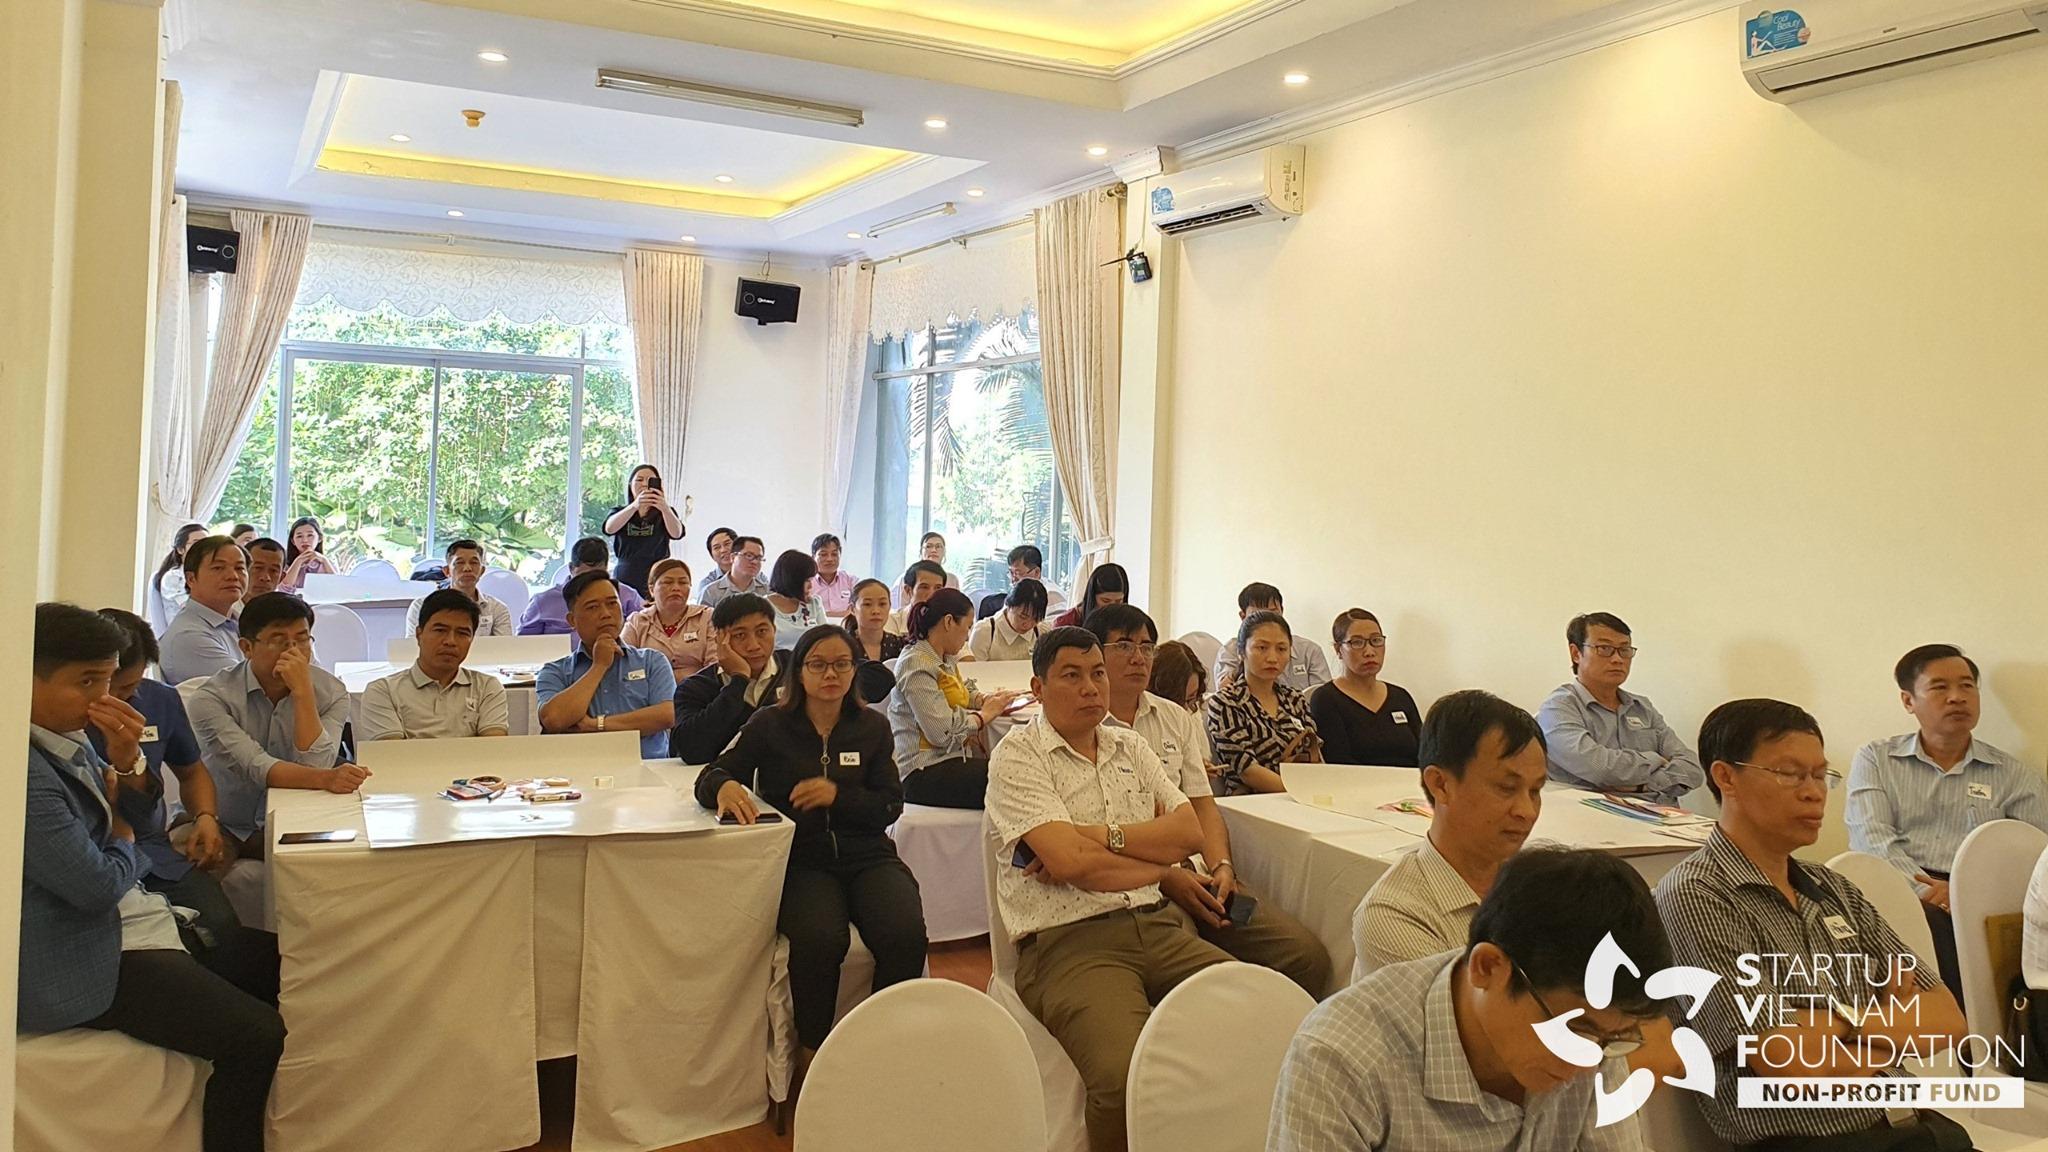 40 đại diện các Sở, Ban ngành, UBND các huyện, thành phố và Doanh nghiệp tỉnh Kon Tum hoàn thành chương trình đào tạo về kỹ năng khởi nghiệp do SVF tổ chức